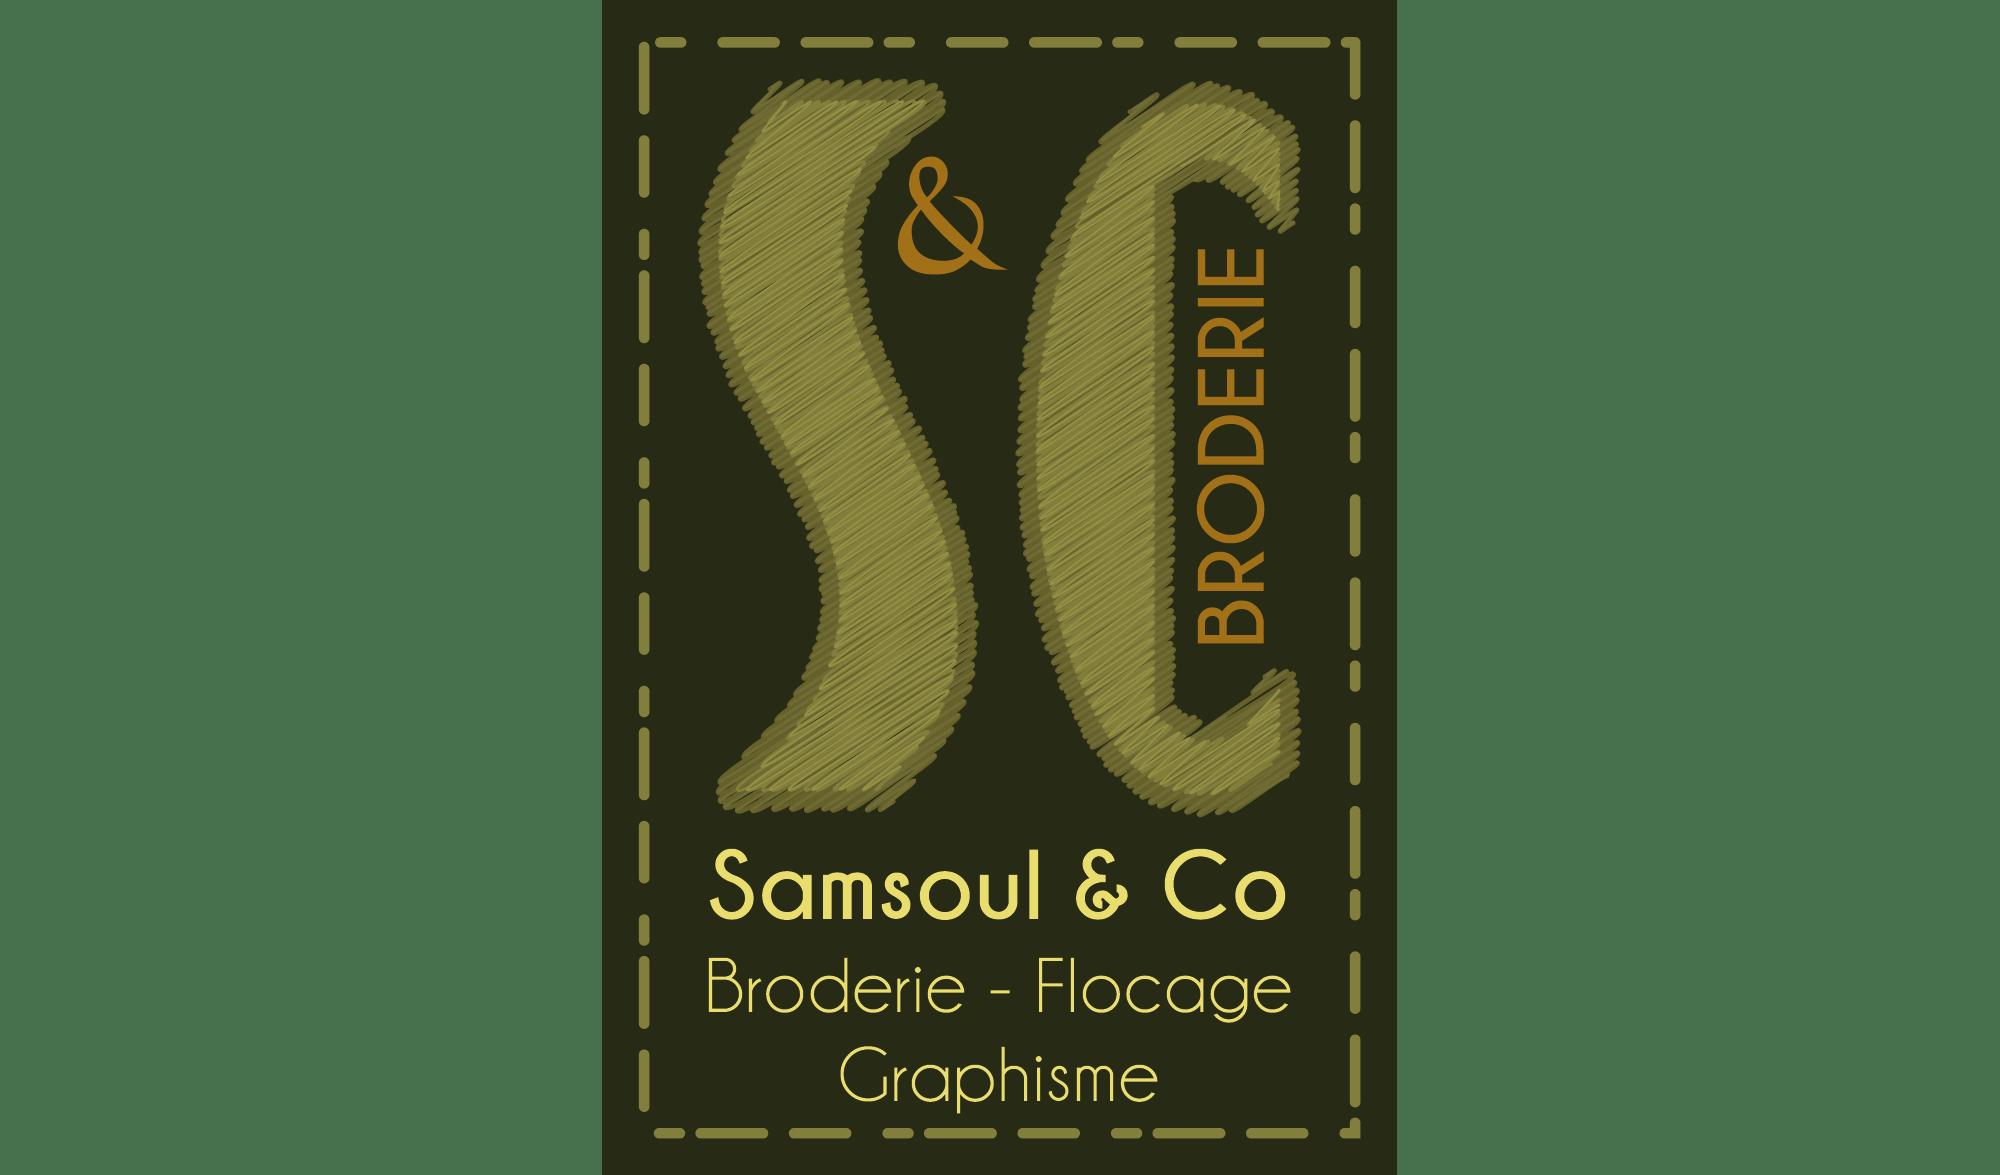 Samsoul & Co